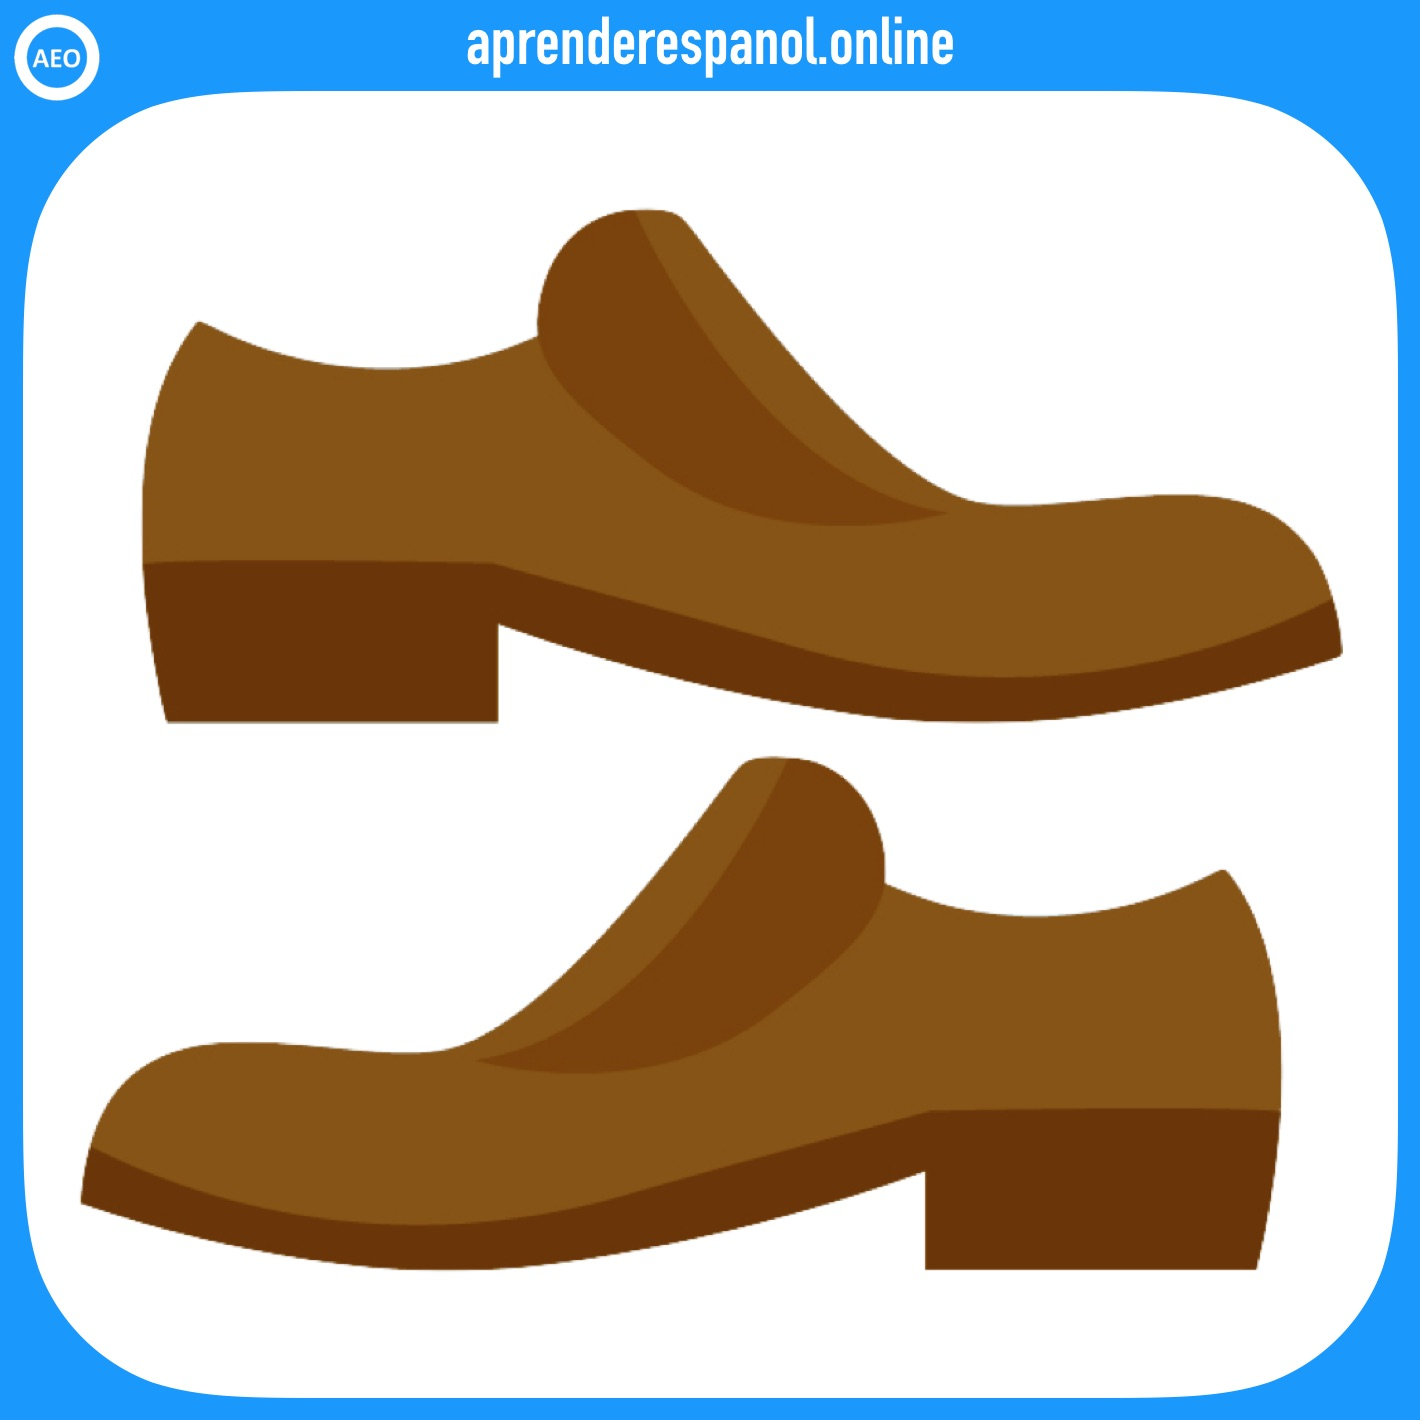 zapatos | ropa en español | vocabulario de la ropa en español